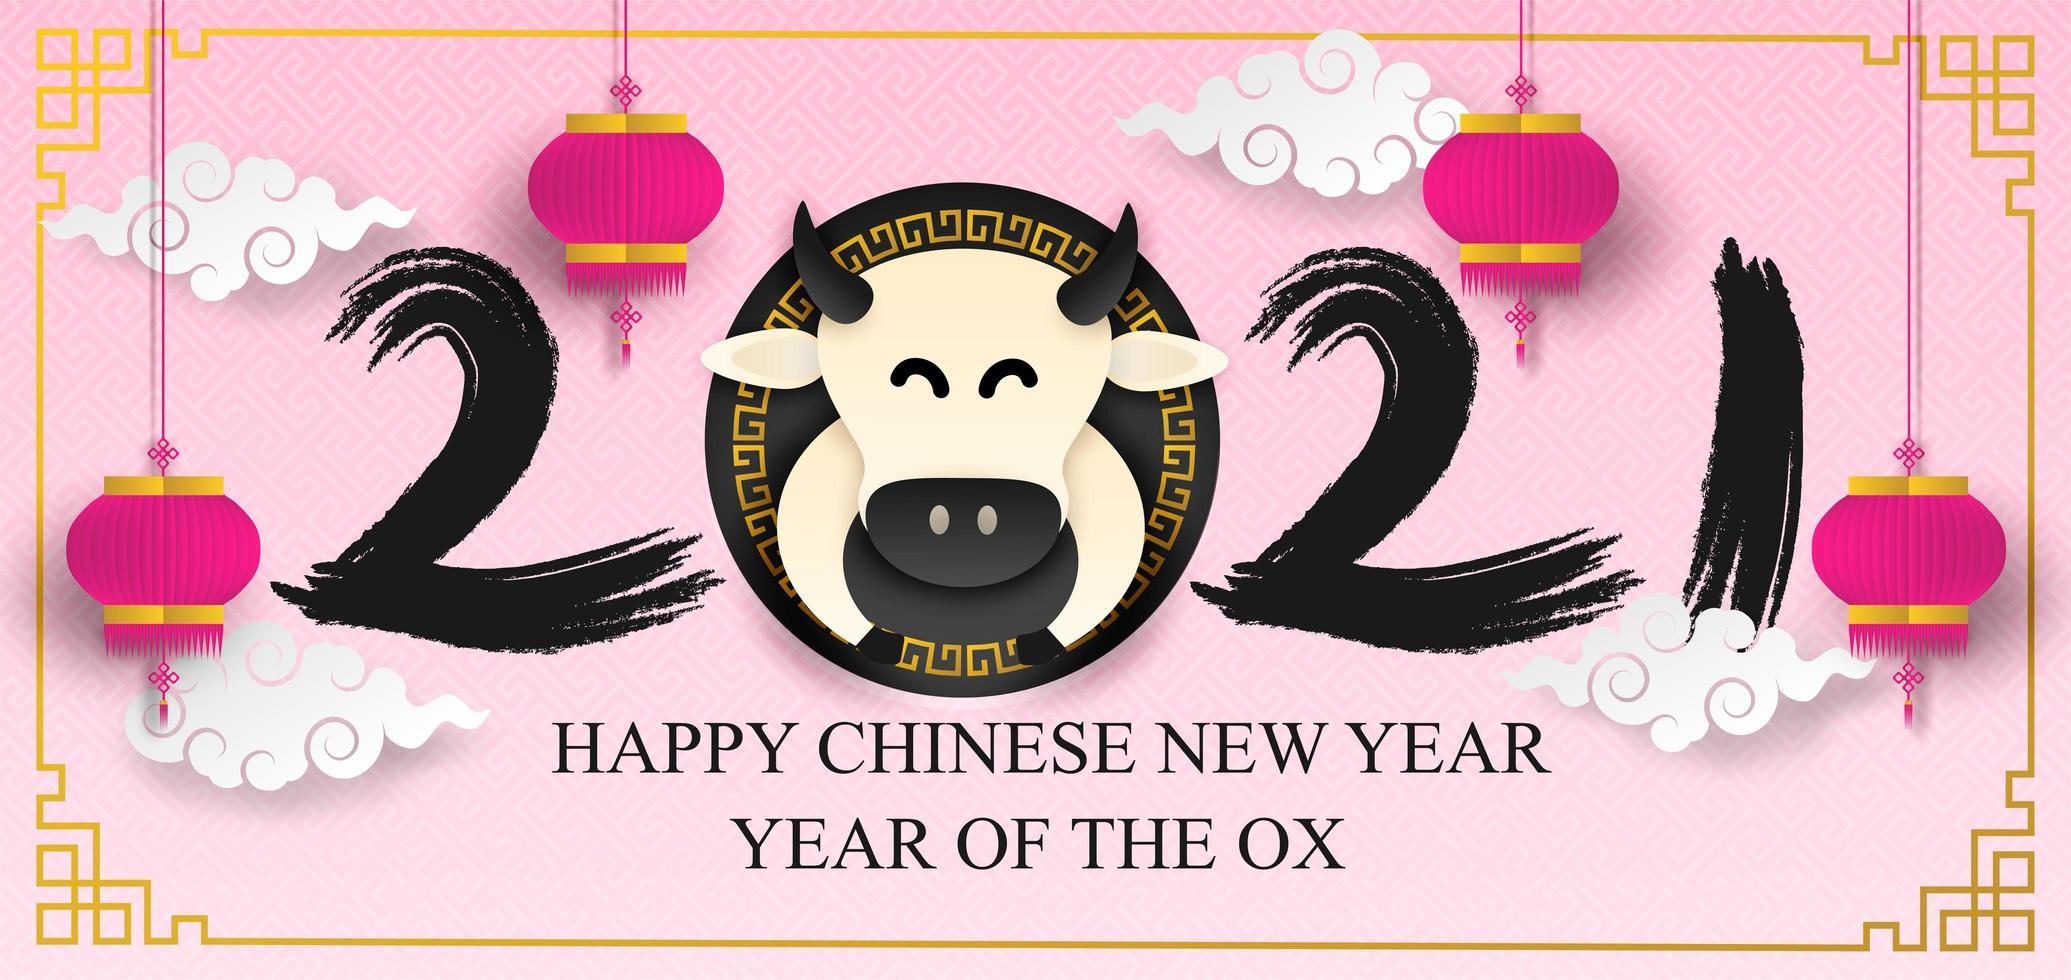 capodanno cinese 2021 testo e bue su rosa vettore